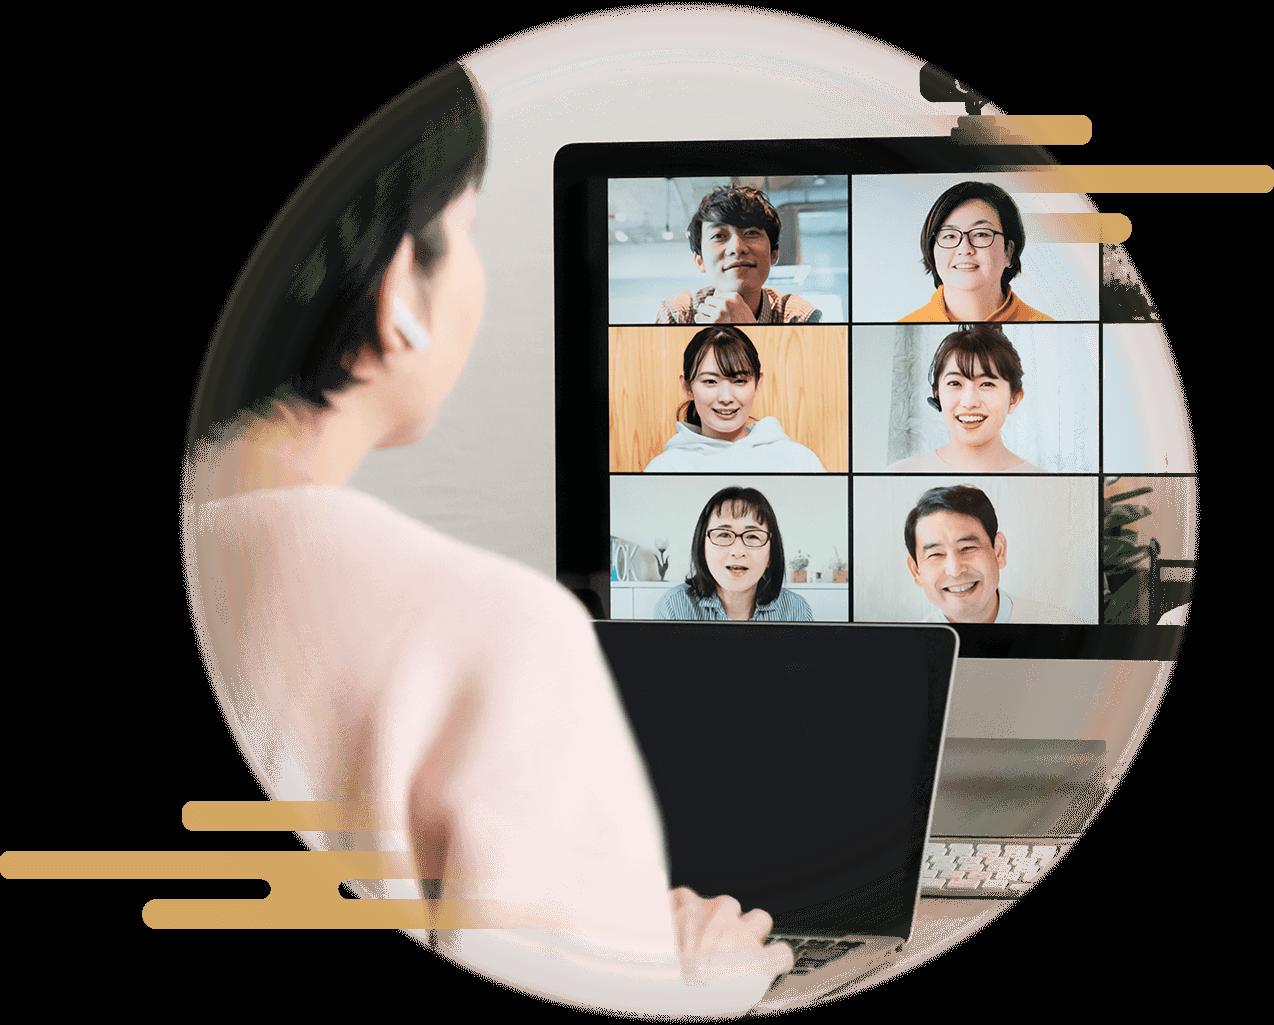 オンライン教室のイメージ